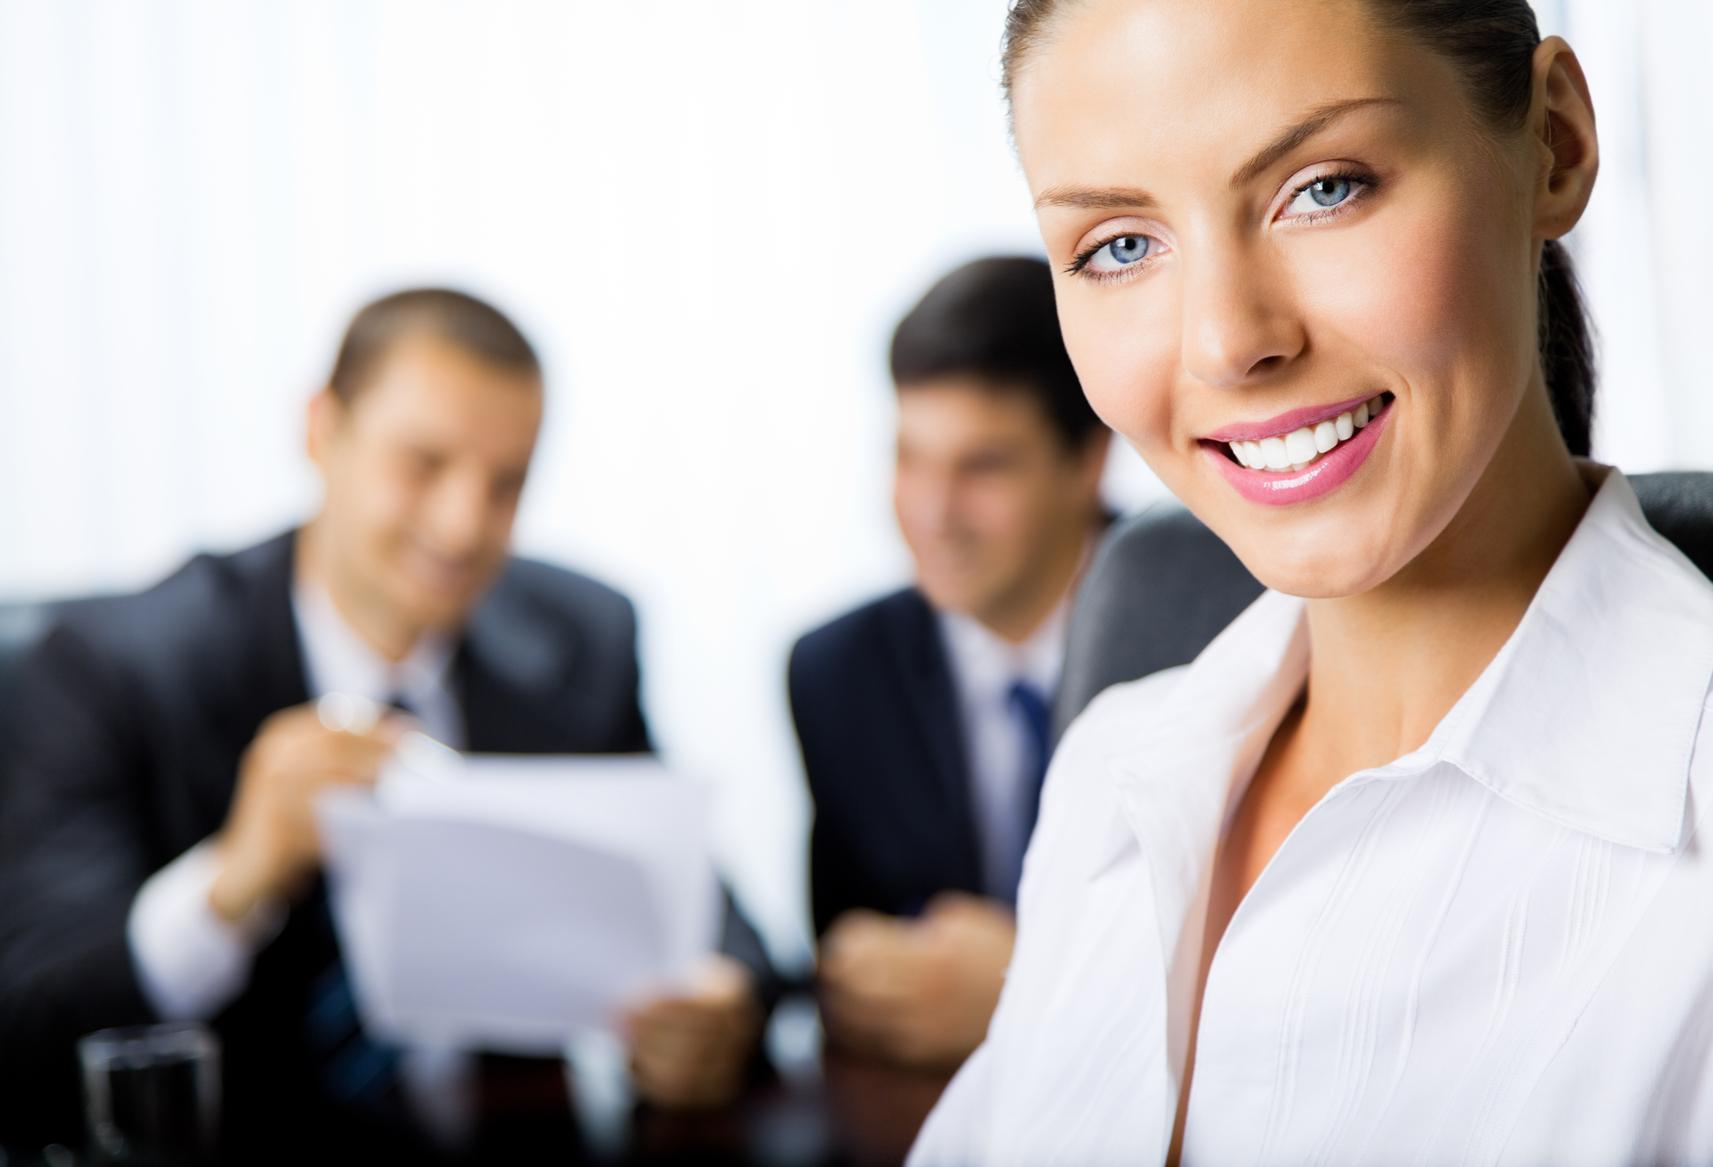 Большинство украинцев гордятся своей работой, а каждый третий сотрудник «пиарит» своего работодателя